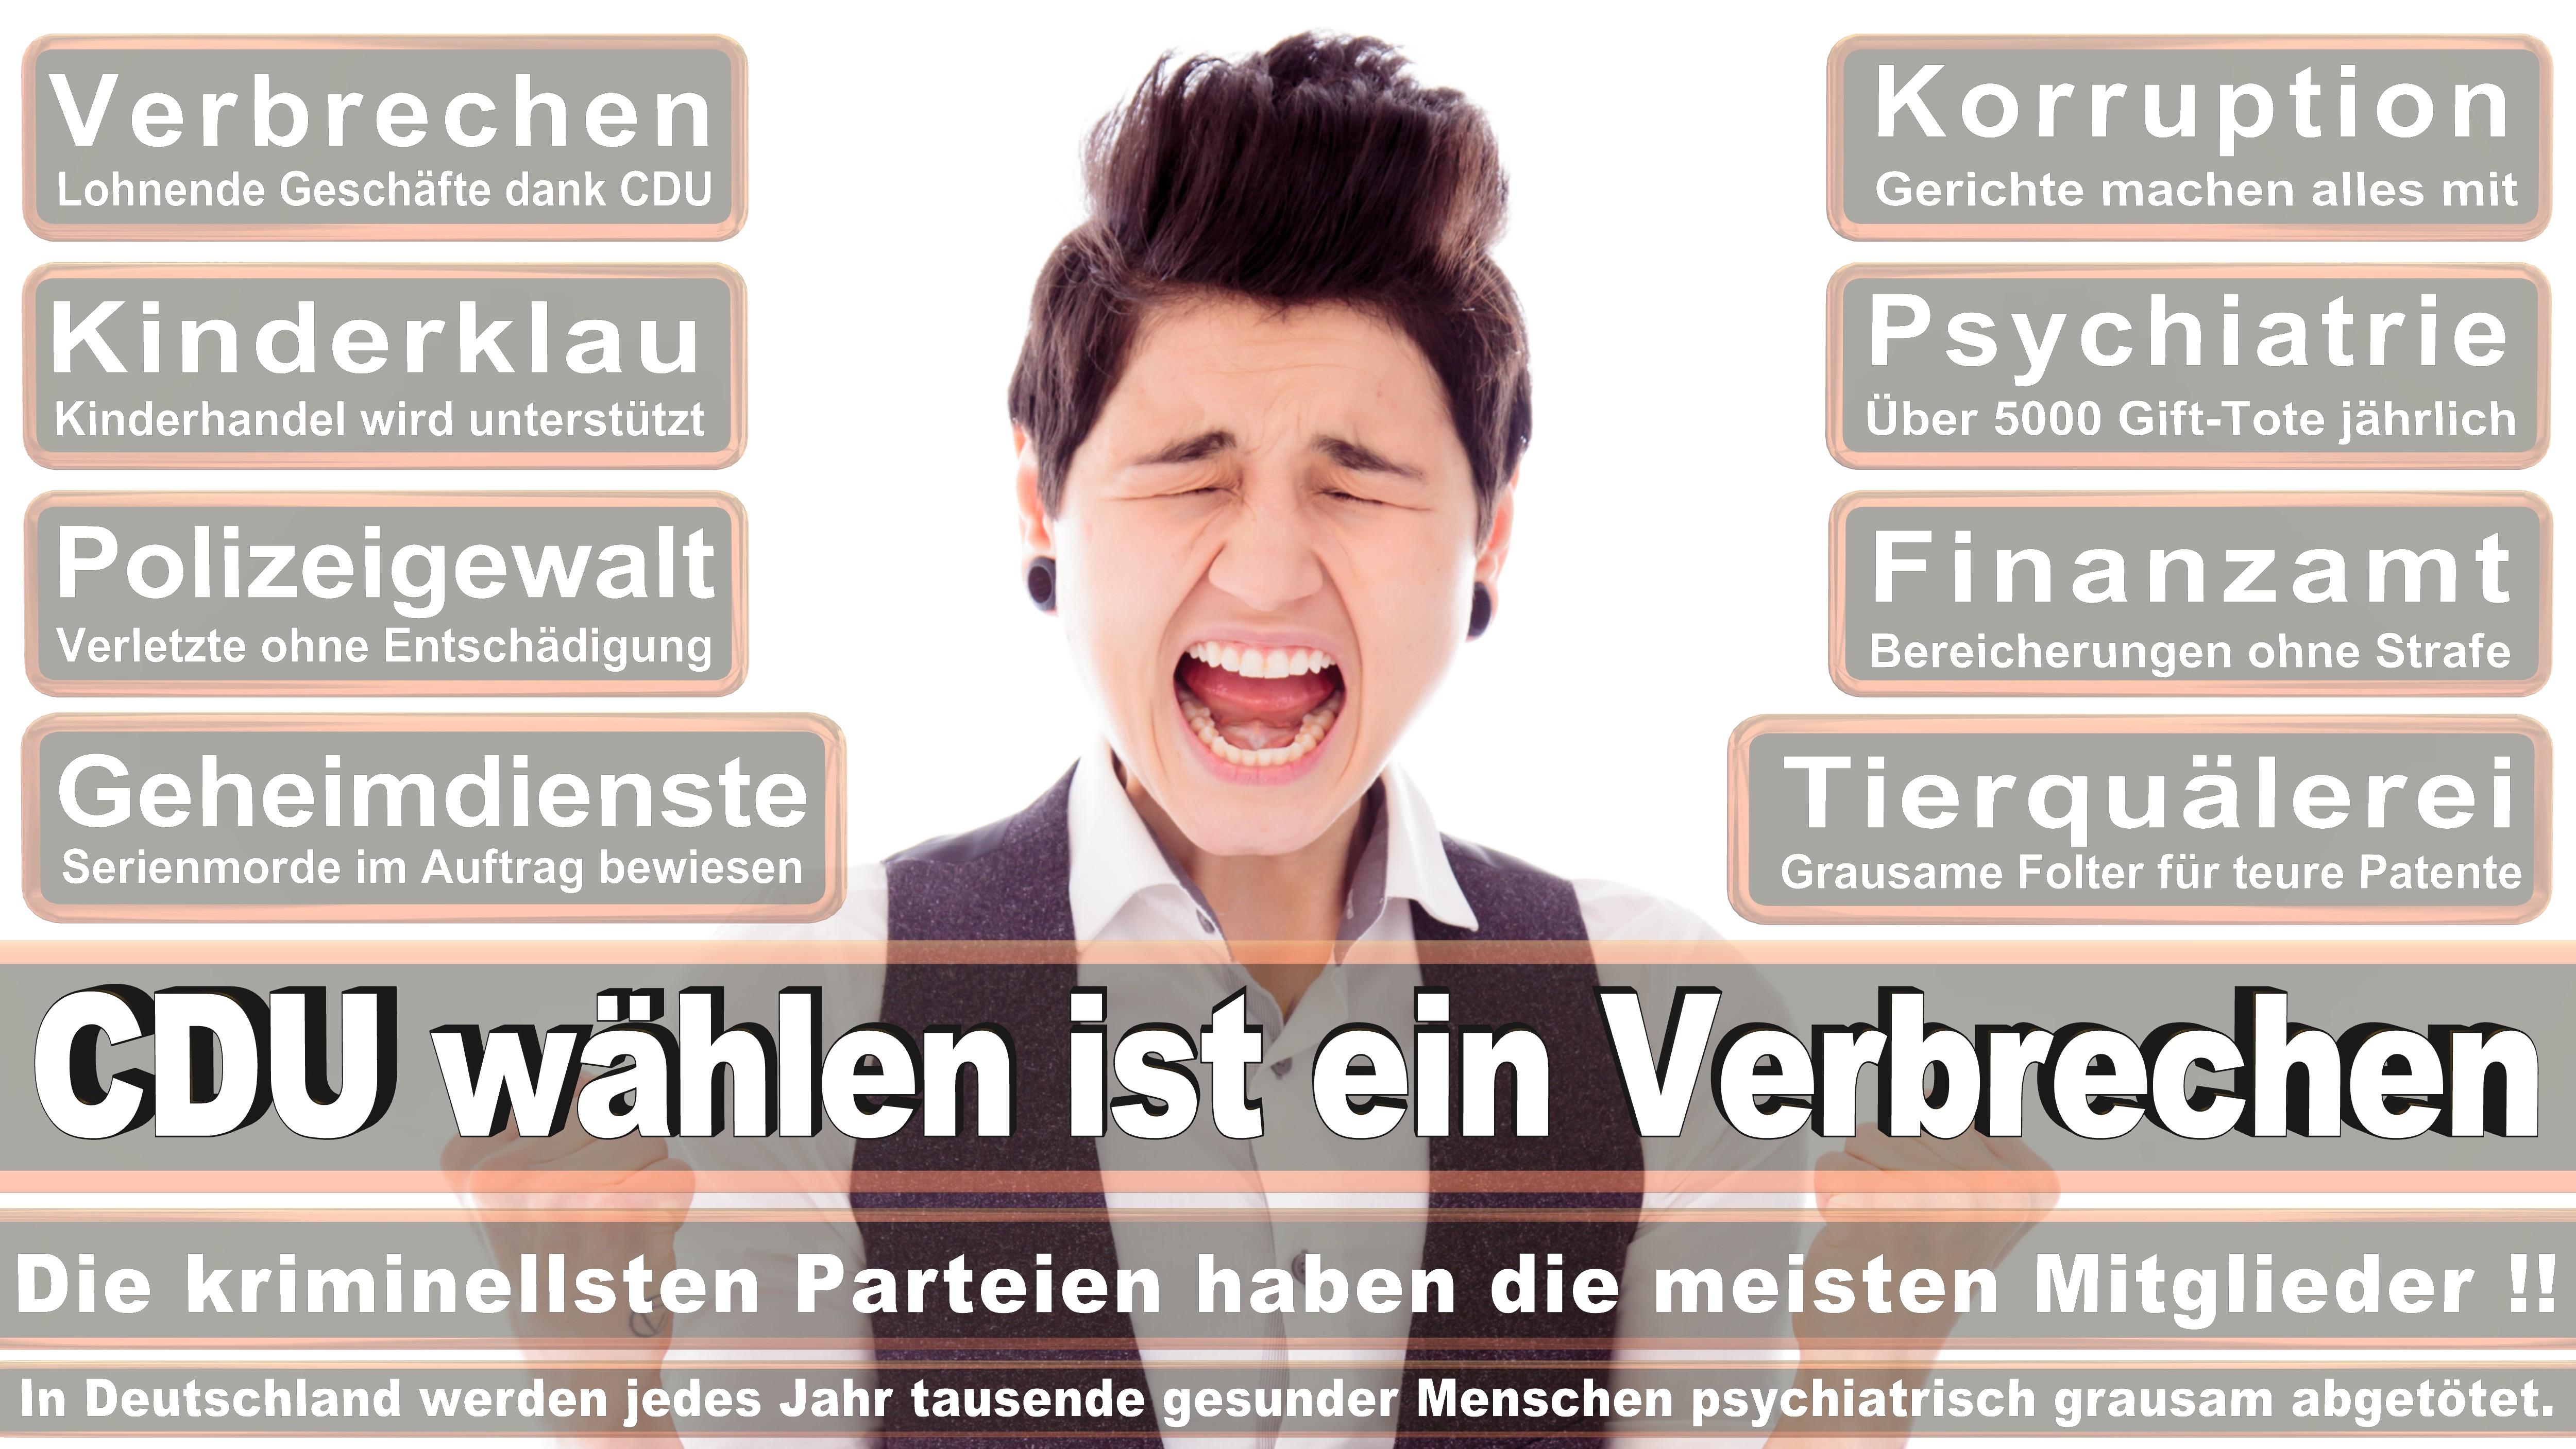 Dietrich Monstadt CDU CSU Politiker